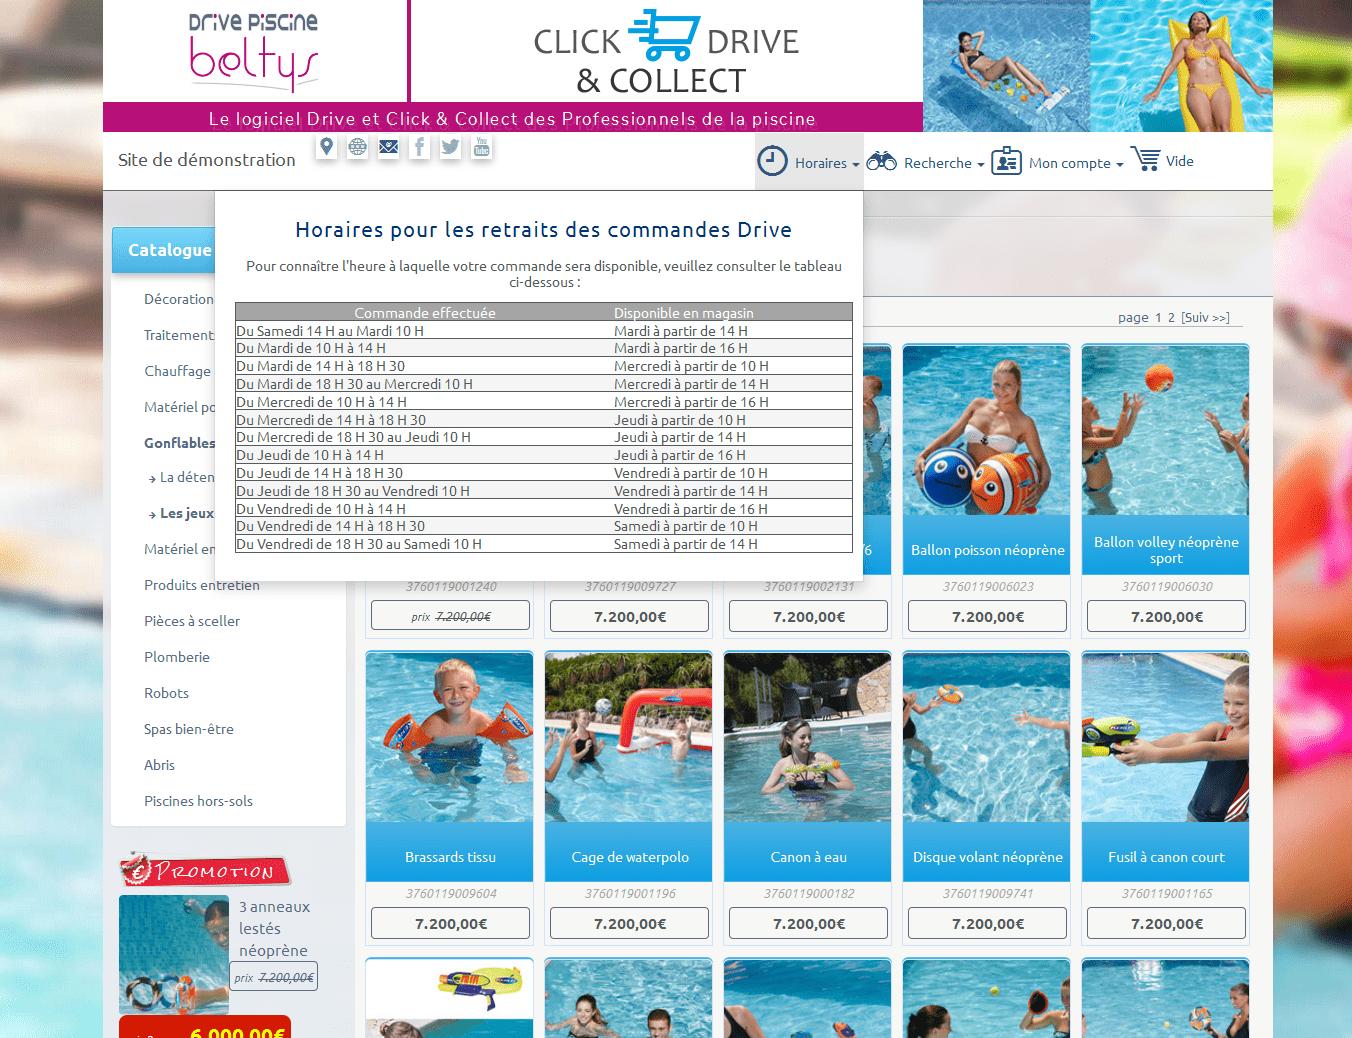 Logiciel Drive - Click & Collect des pisciniers